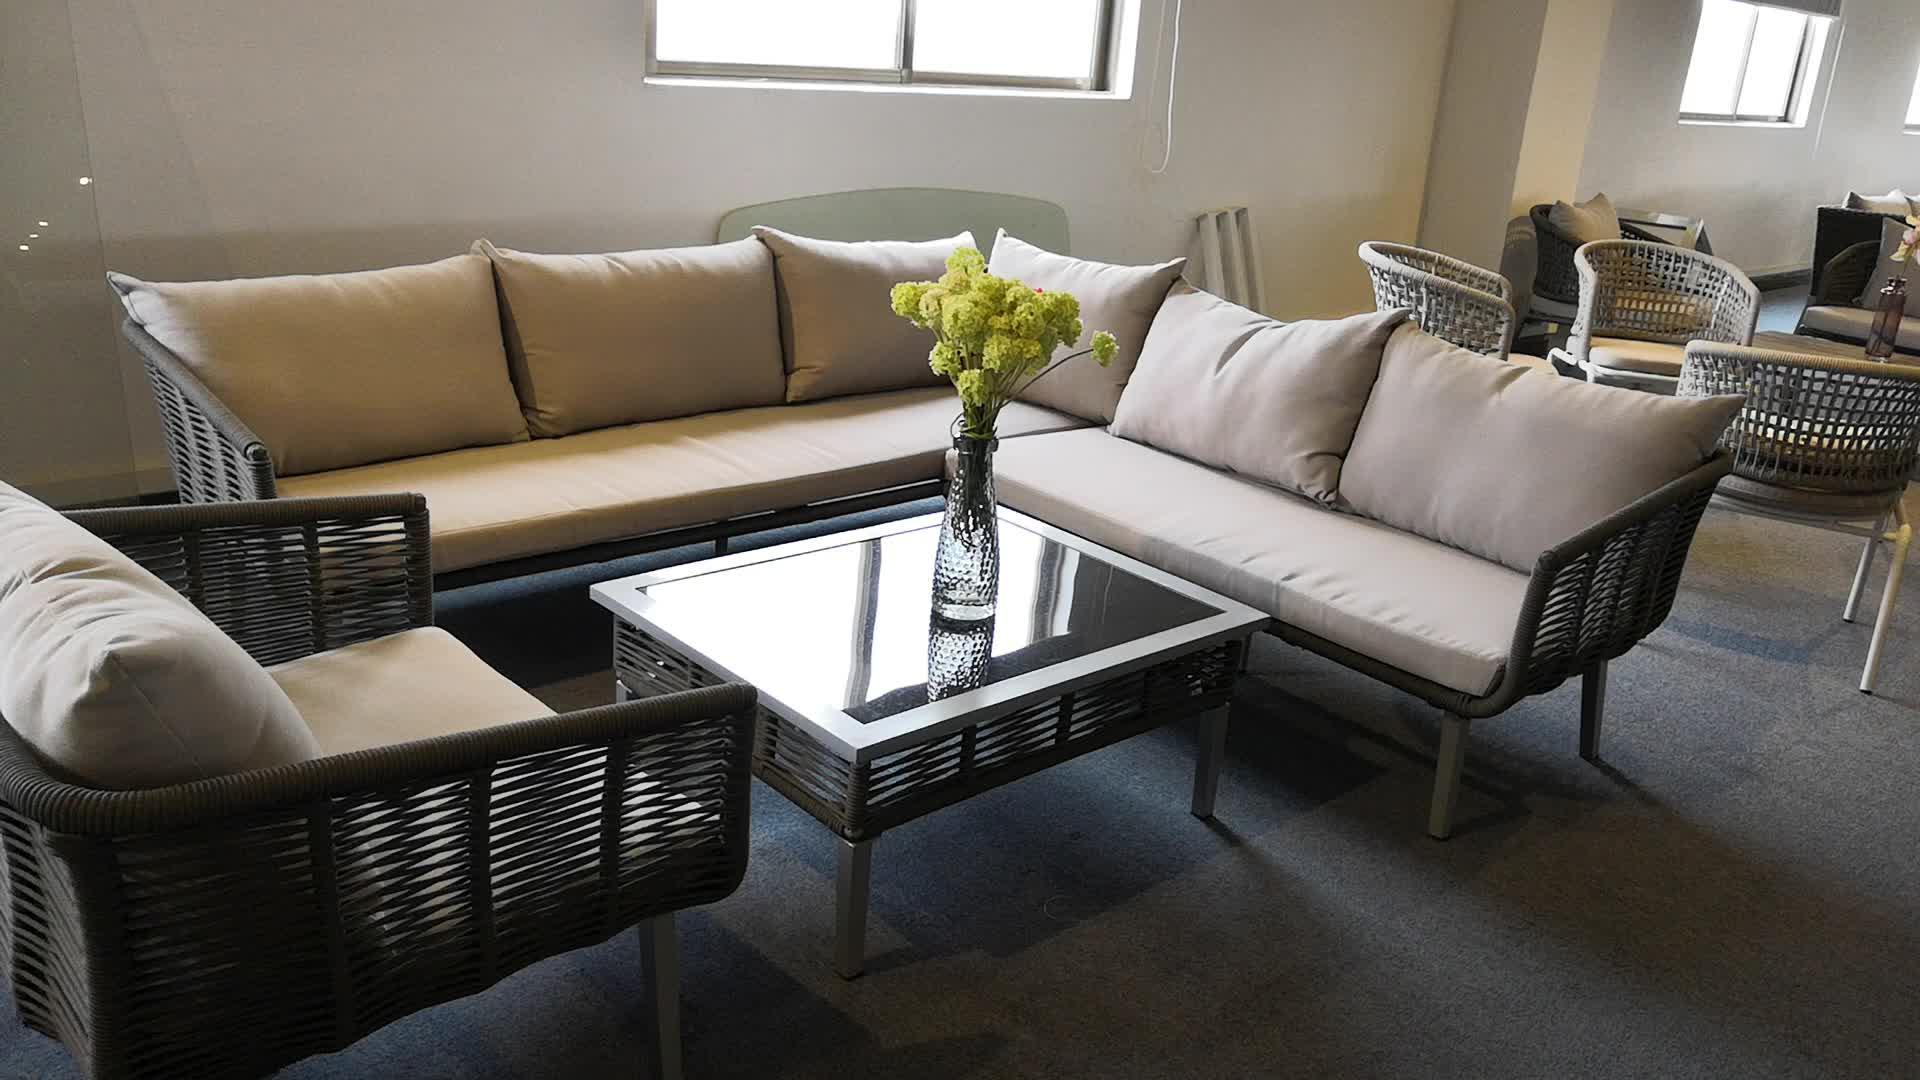 2019 moderne salon meubles dernier coin 7 places canap ensemble conceptions buy ensembles de. Black Bedroom Furniture Sets. Home Design Ideas